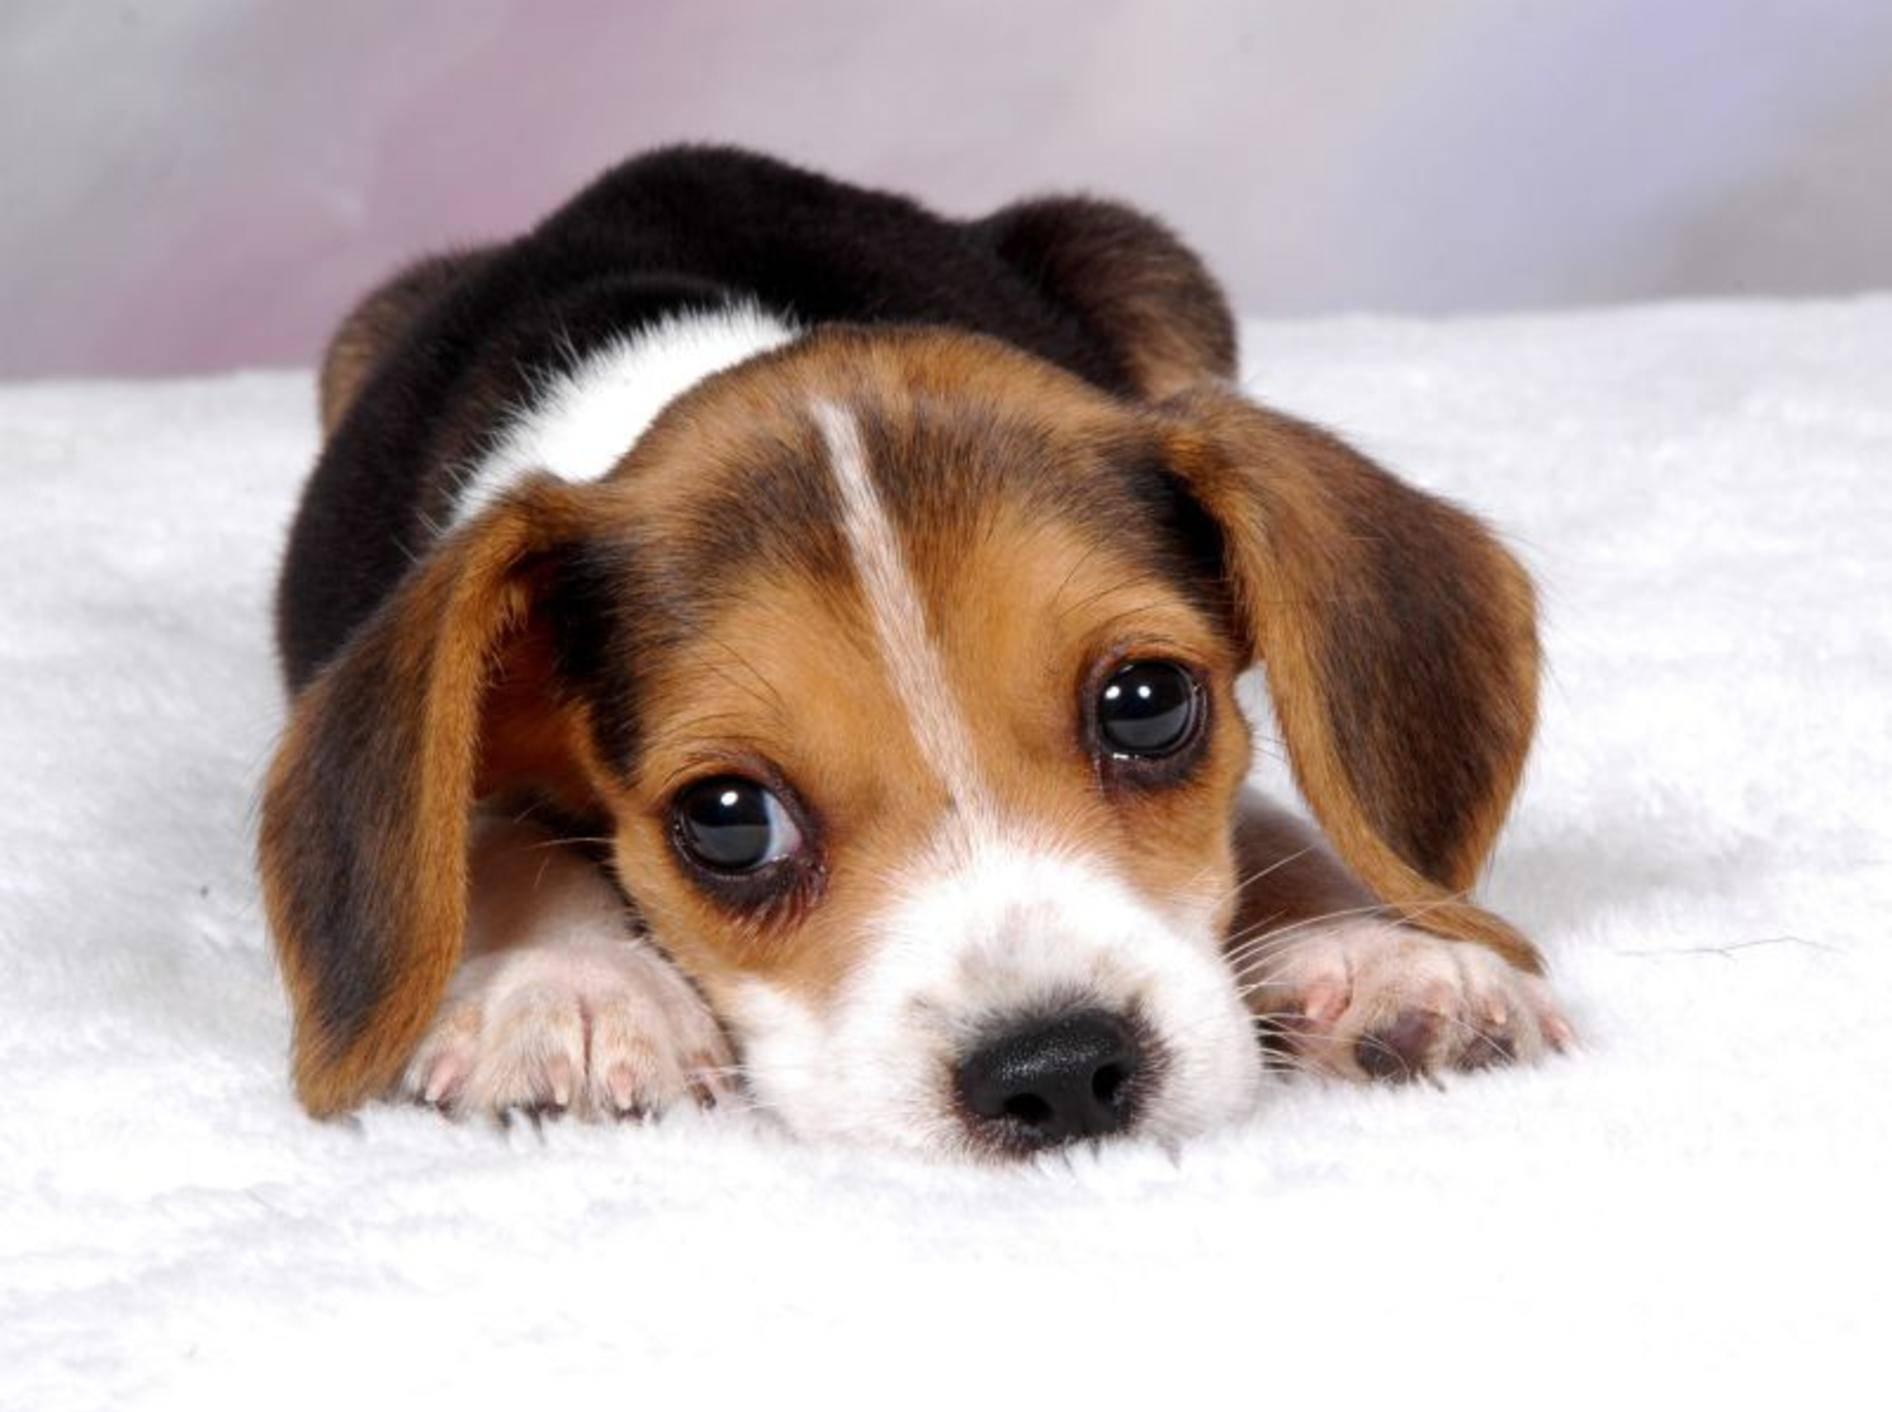 Các vấn đề sức khỏe thường gặp ở giống chó Beagle